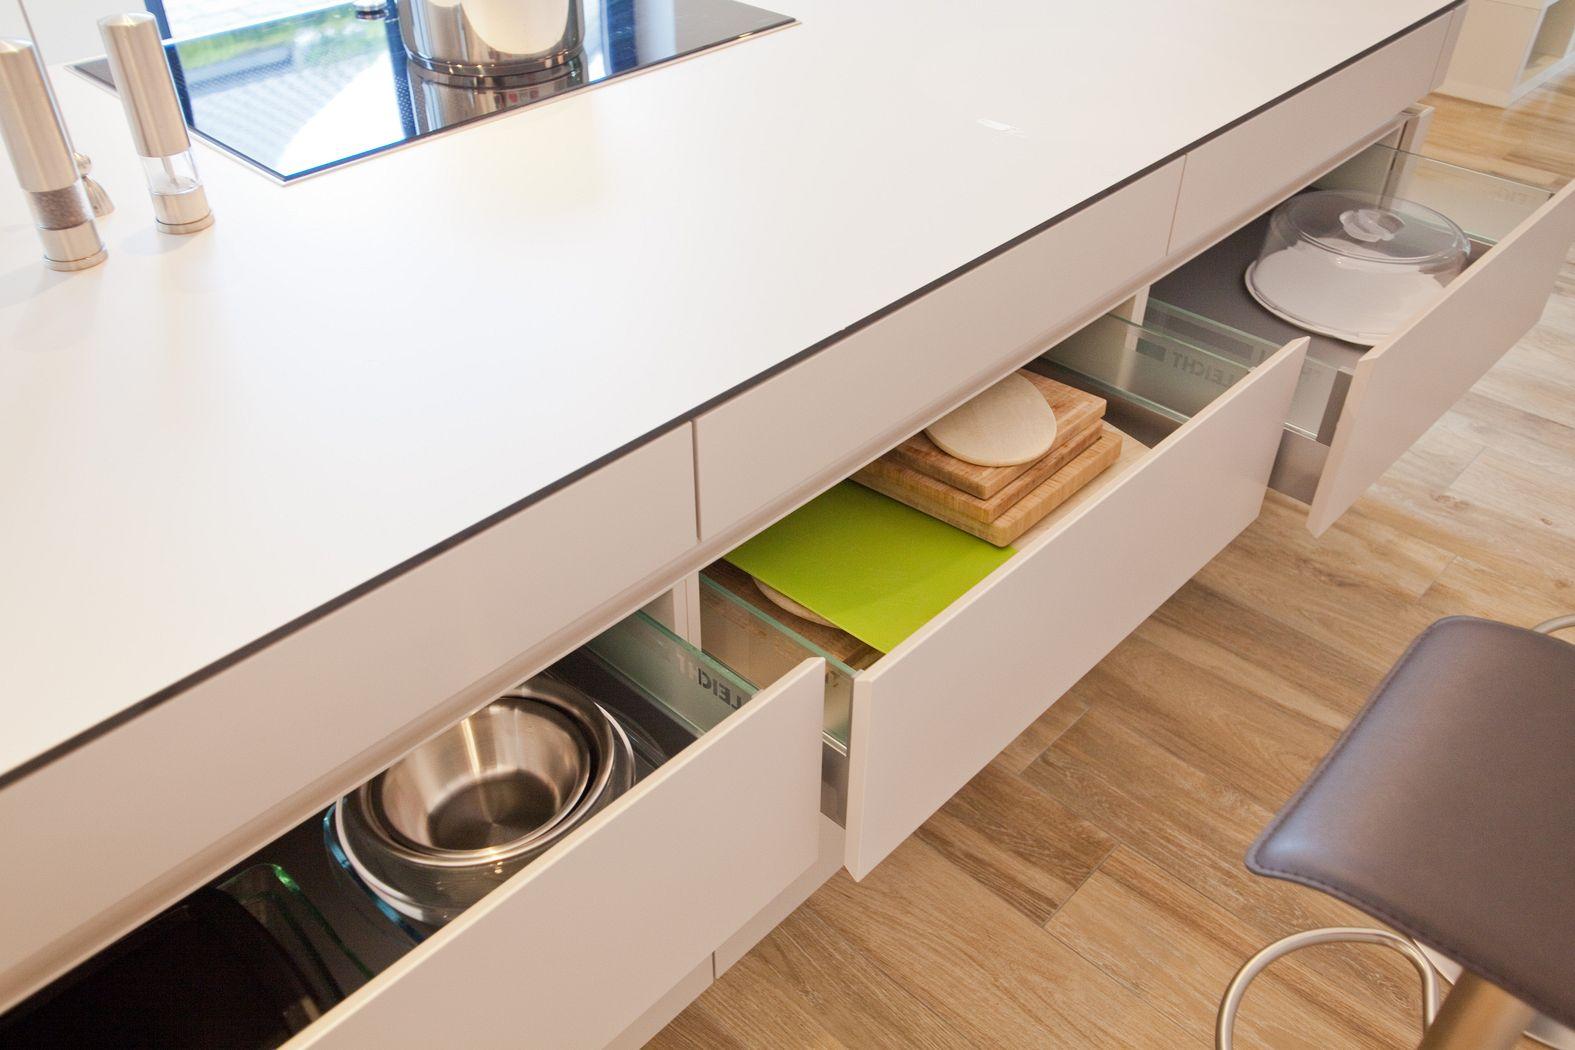 Küchen Weiss Dallgow : kuche grau grifflos ~ Watch28wear.com Haus und Dekorationen